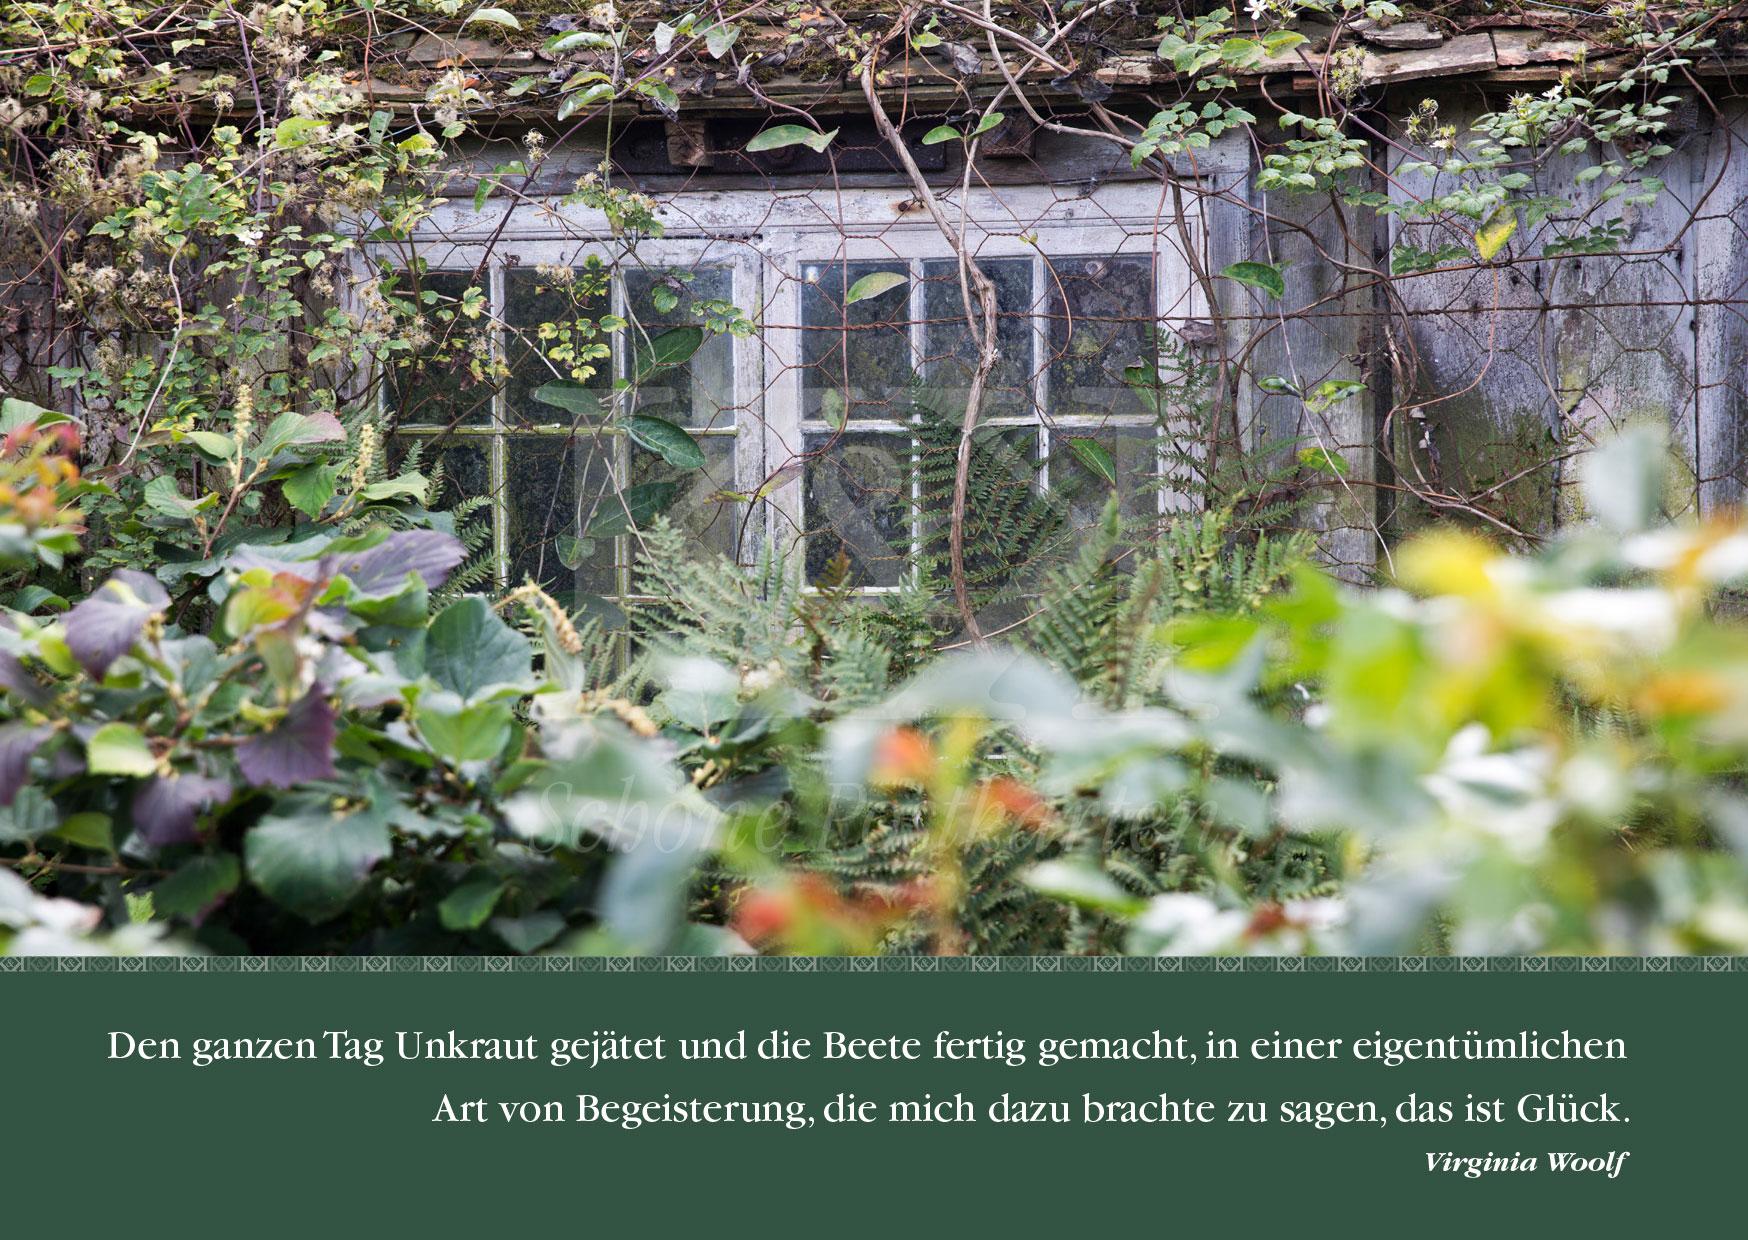 """""""Den ganzen Tag Unkraut gejätet [...]"""" Virginia Woolf, Schöne Postkarte Nr. 2 © www.schoenepostkarten.de"""